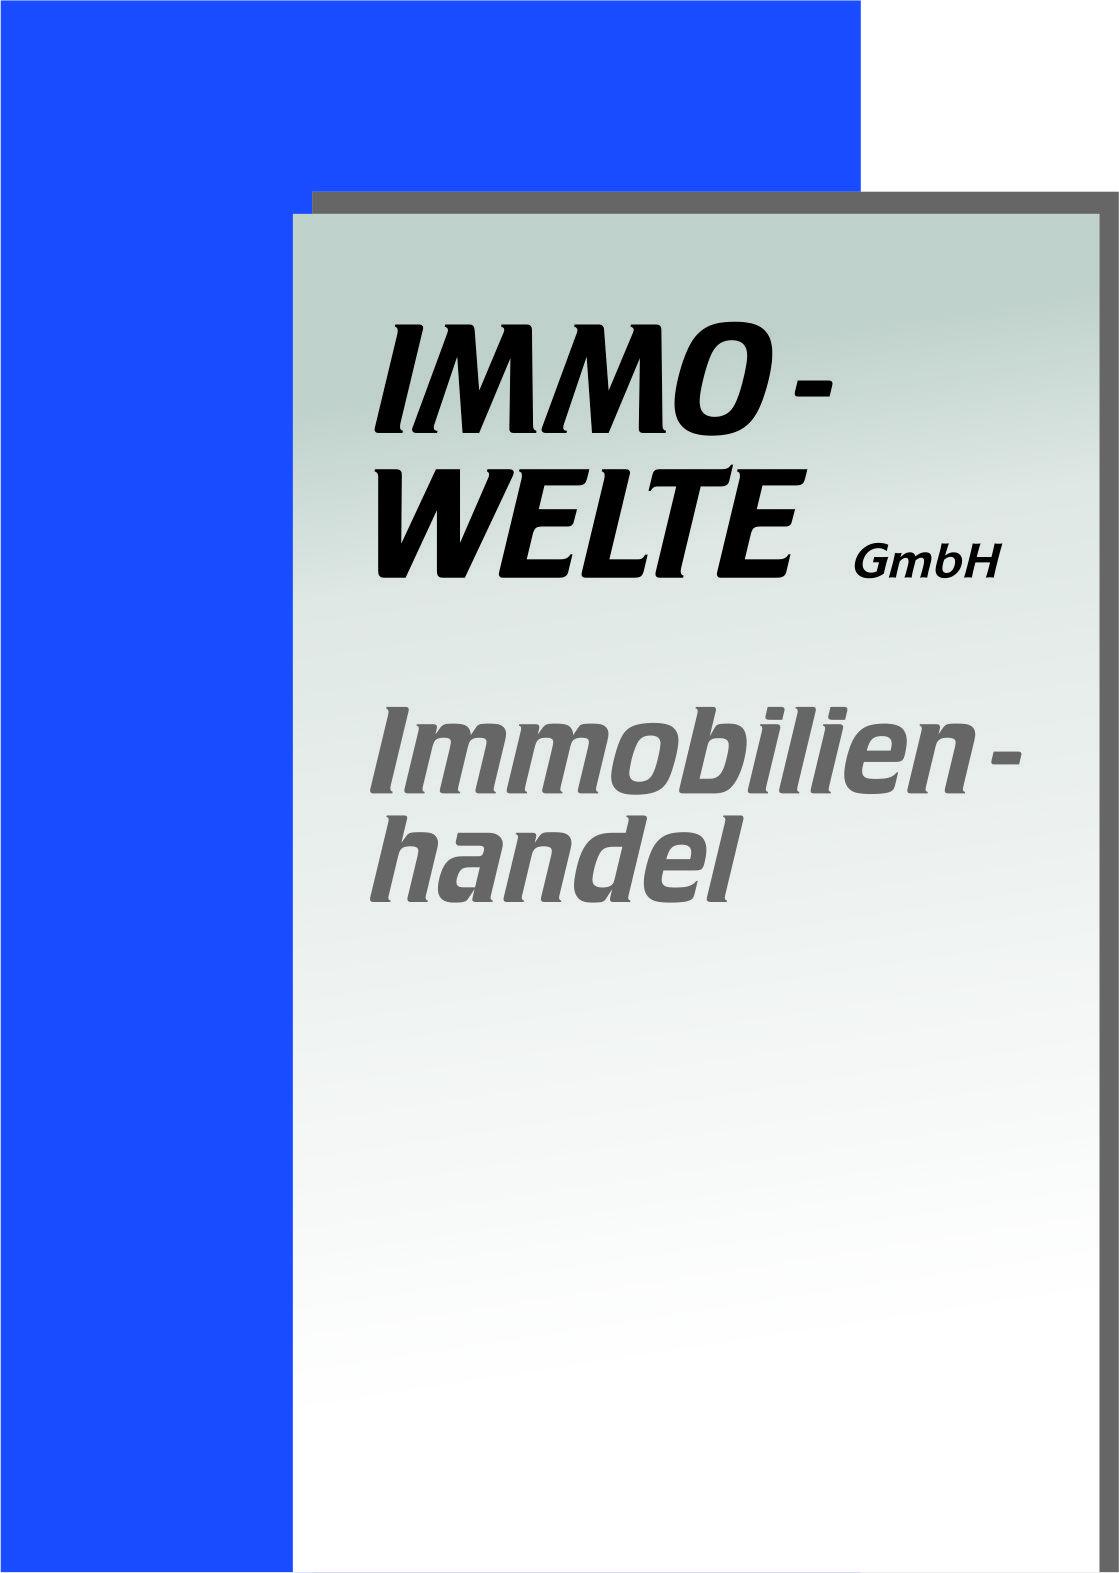 Hier sehen Sie das Logo von Immo-Welte GmbH